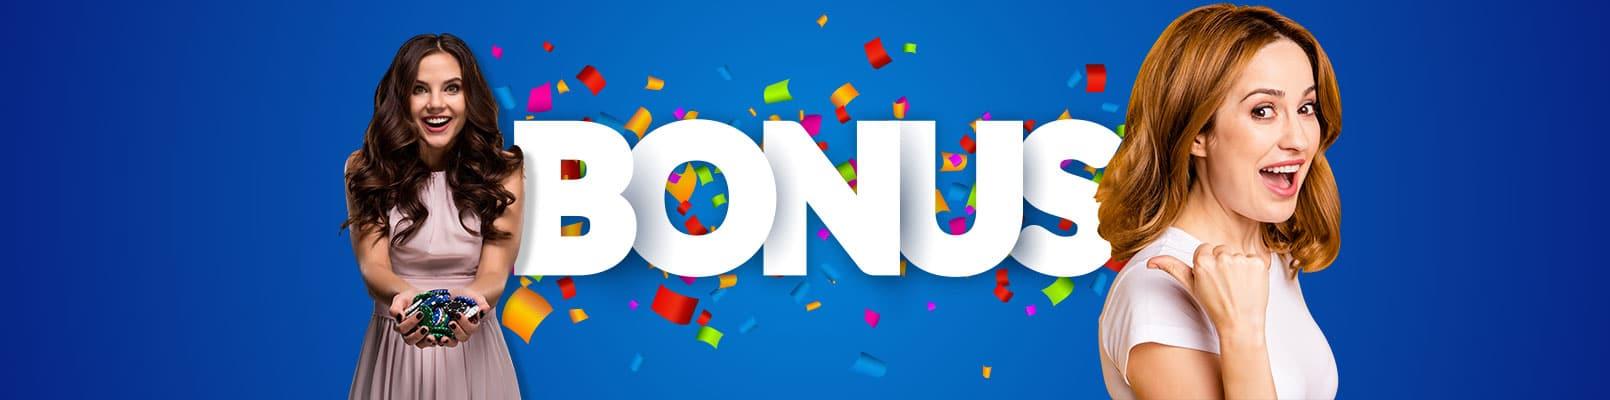 opțiuni binare fără depozit 100 bonus fără depunere